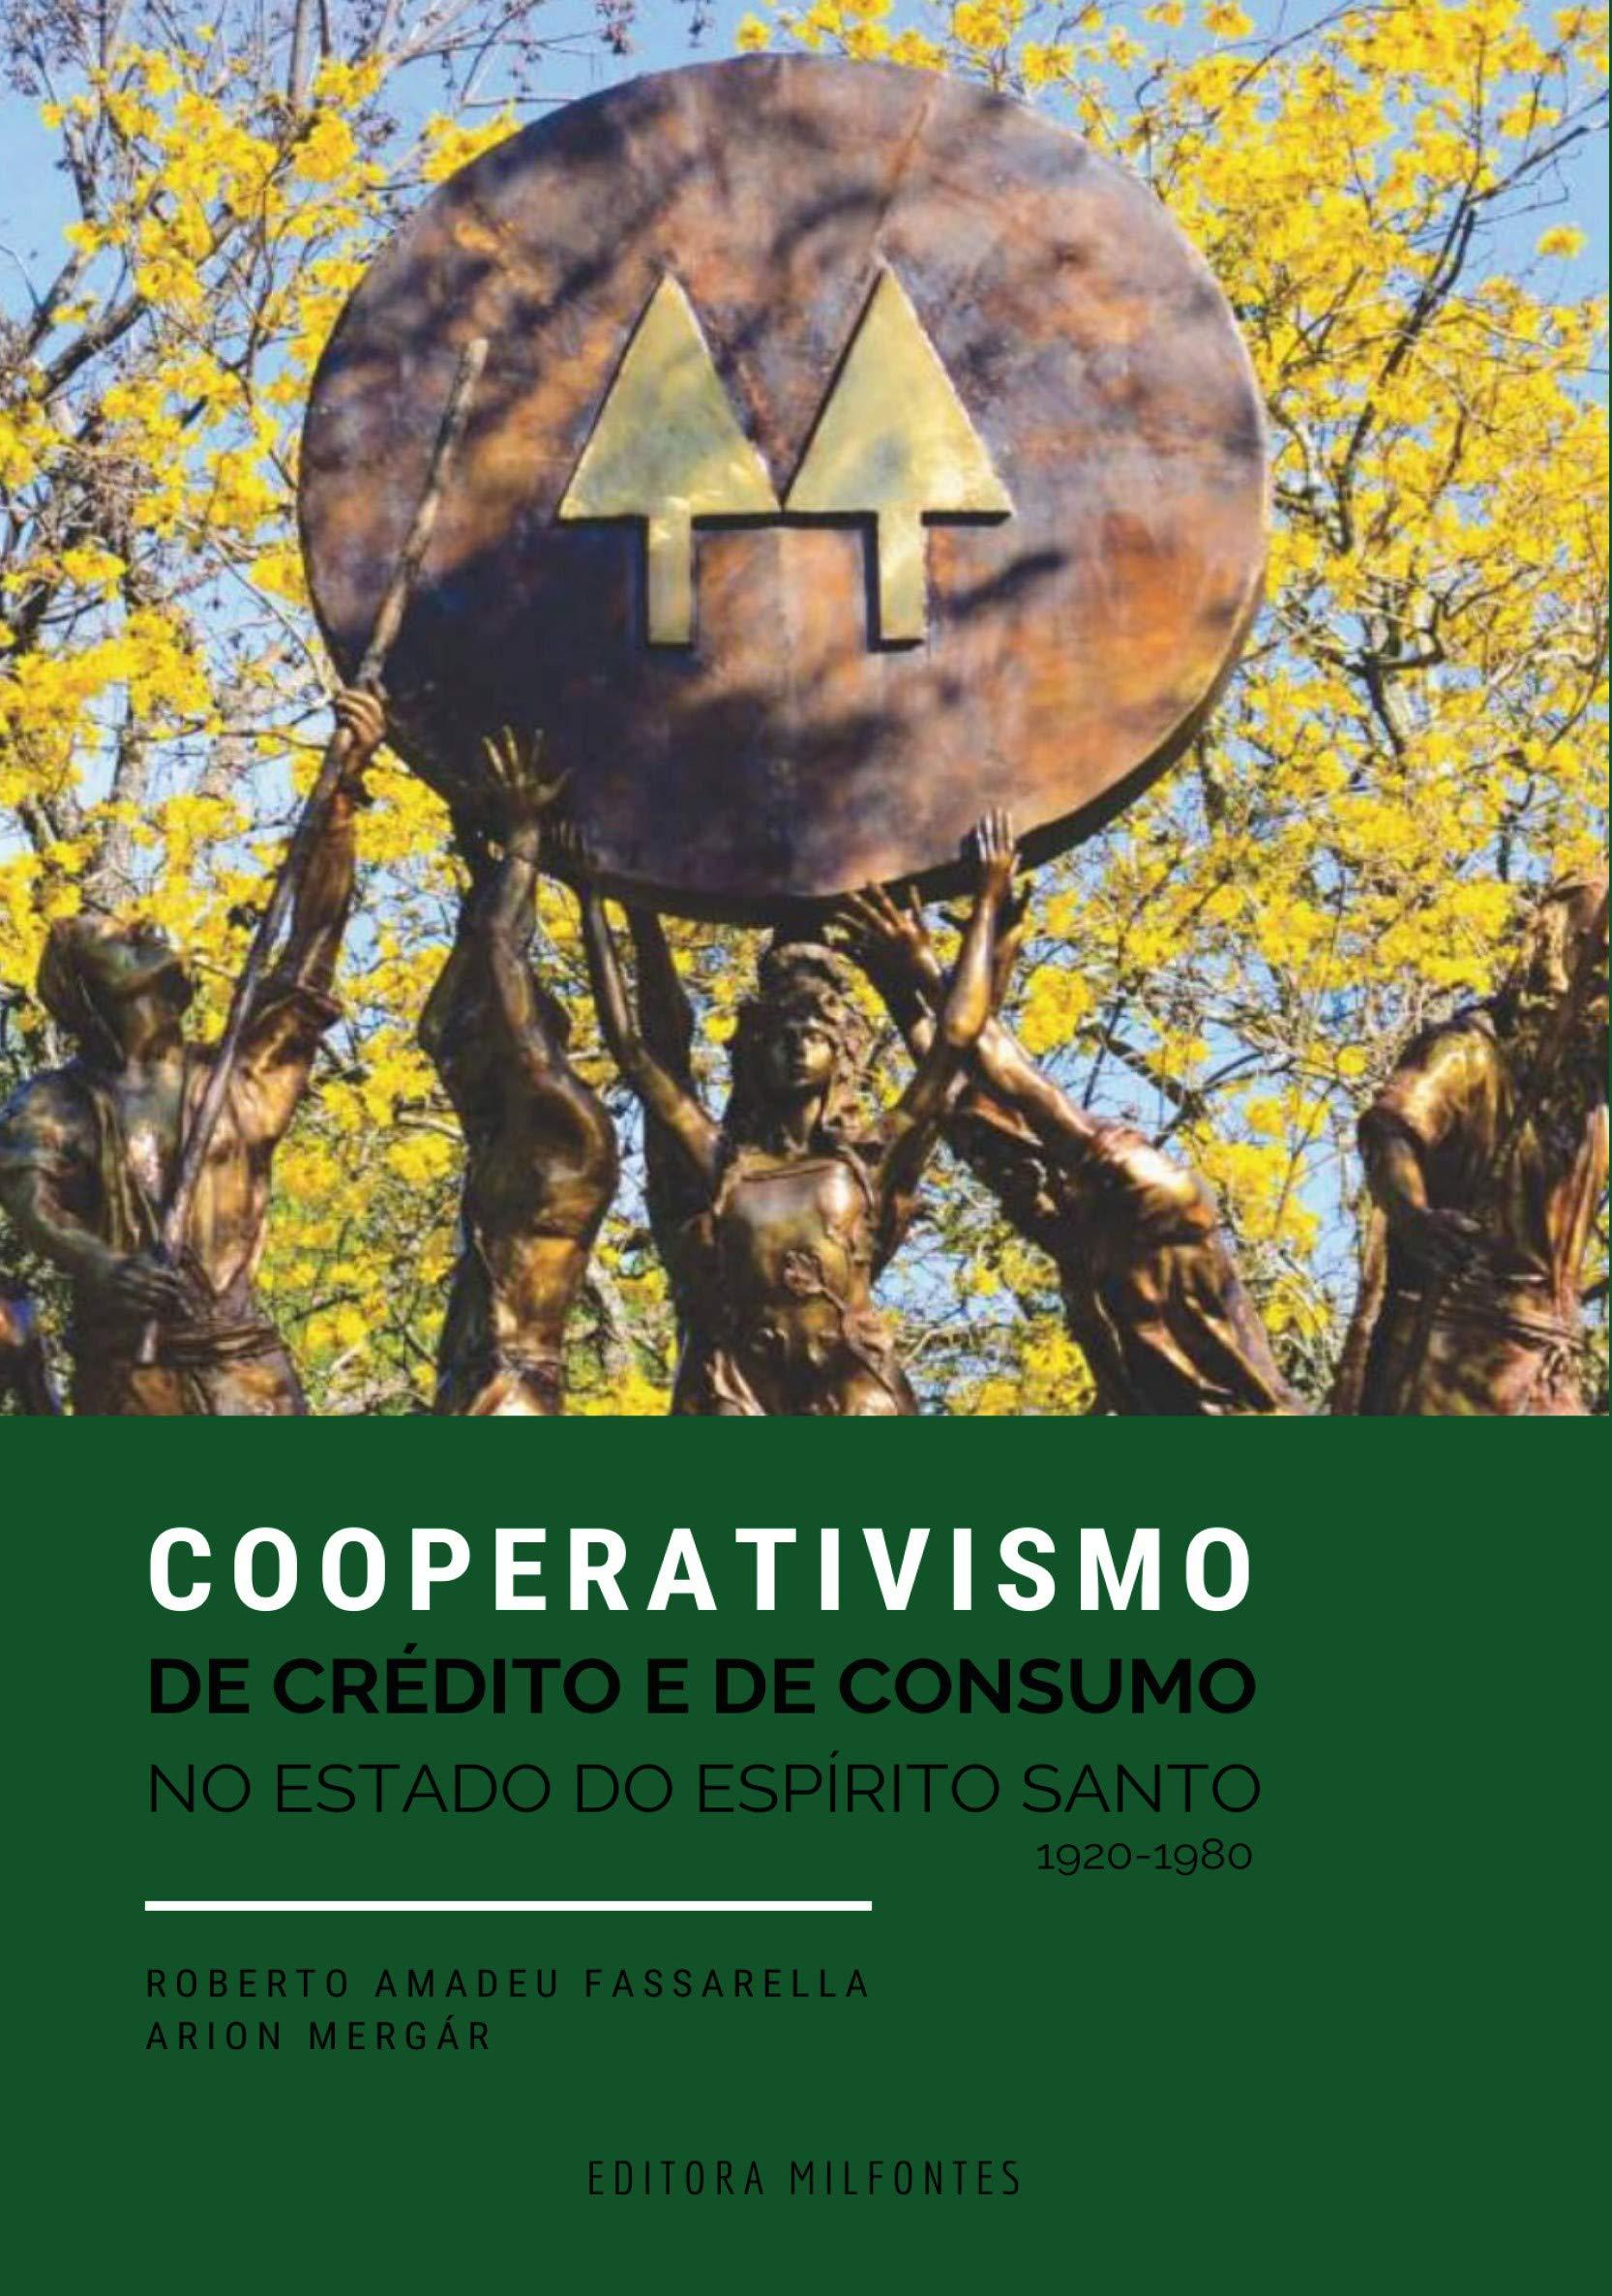 Cooperativismo de Crédito e de Consumo no Estado do Espírito Santo: (1920-1980) (Portuguese Edition)